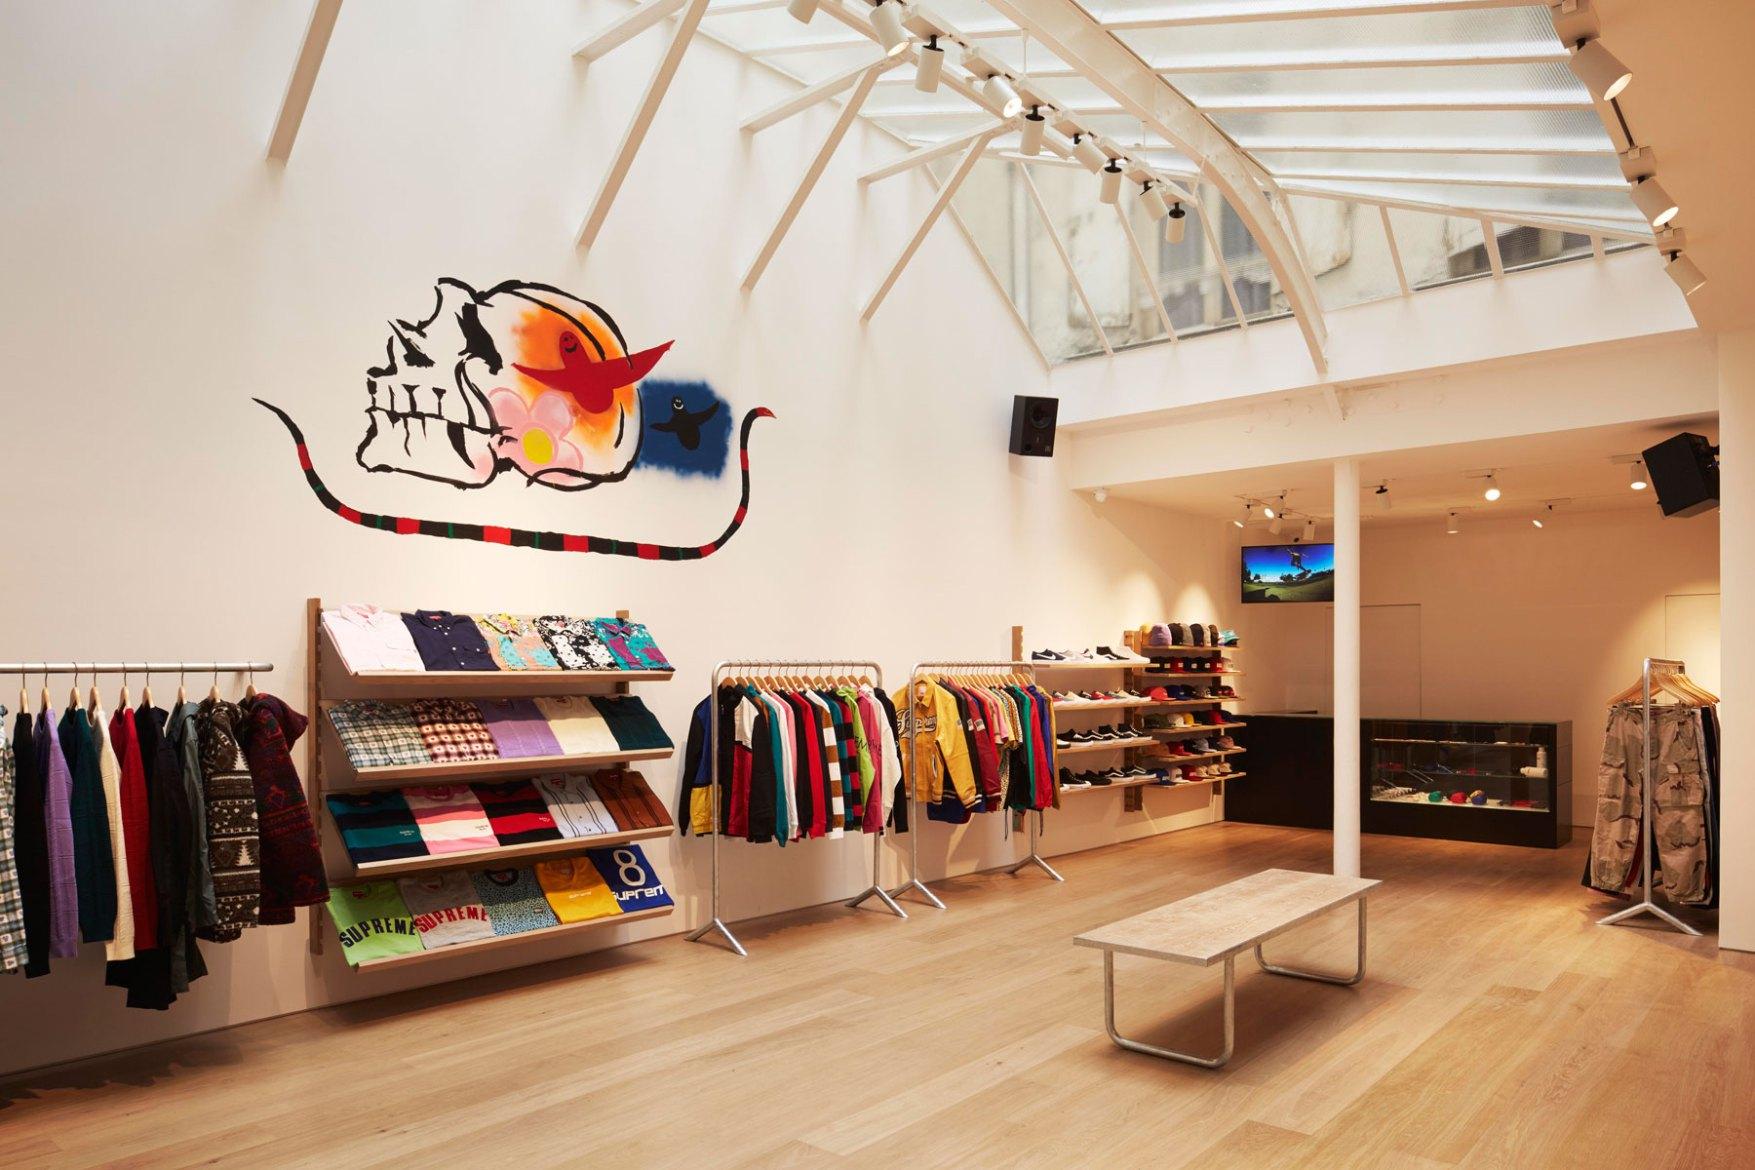 supreme-paris-store-images-4